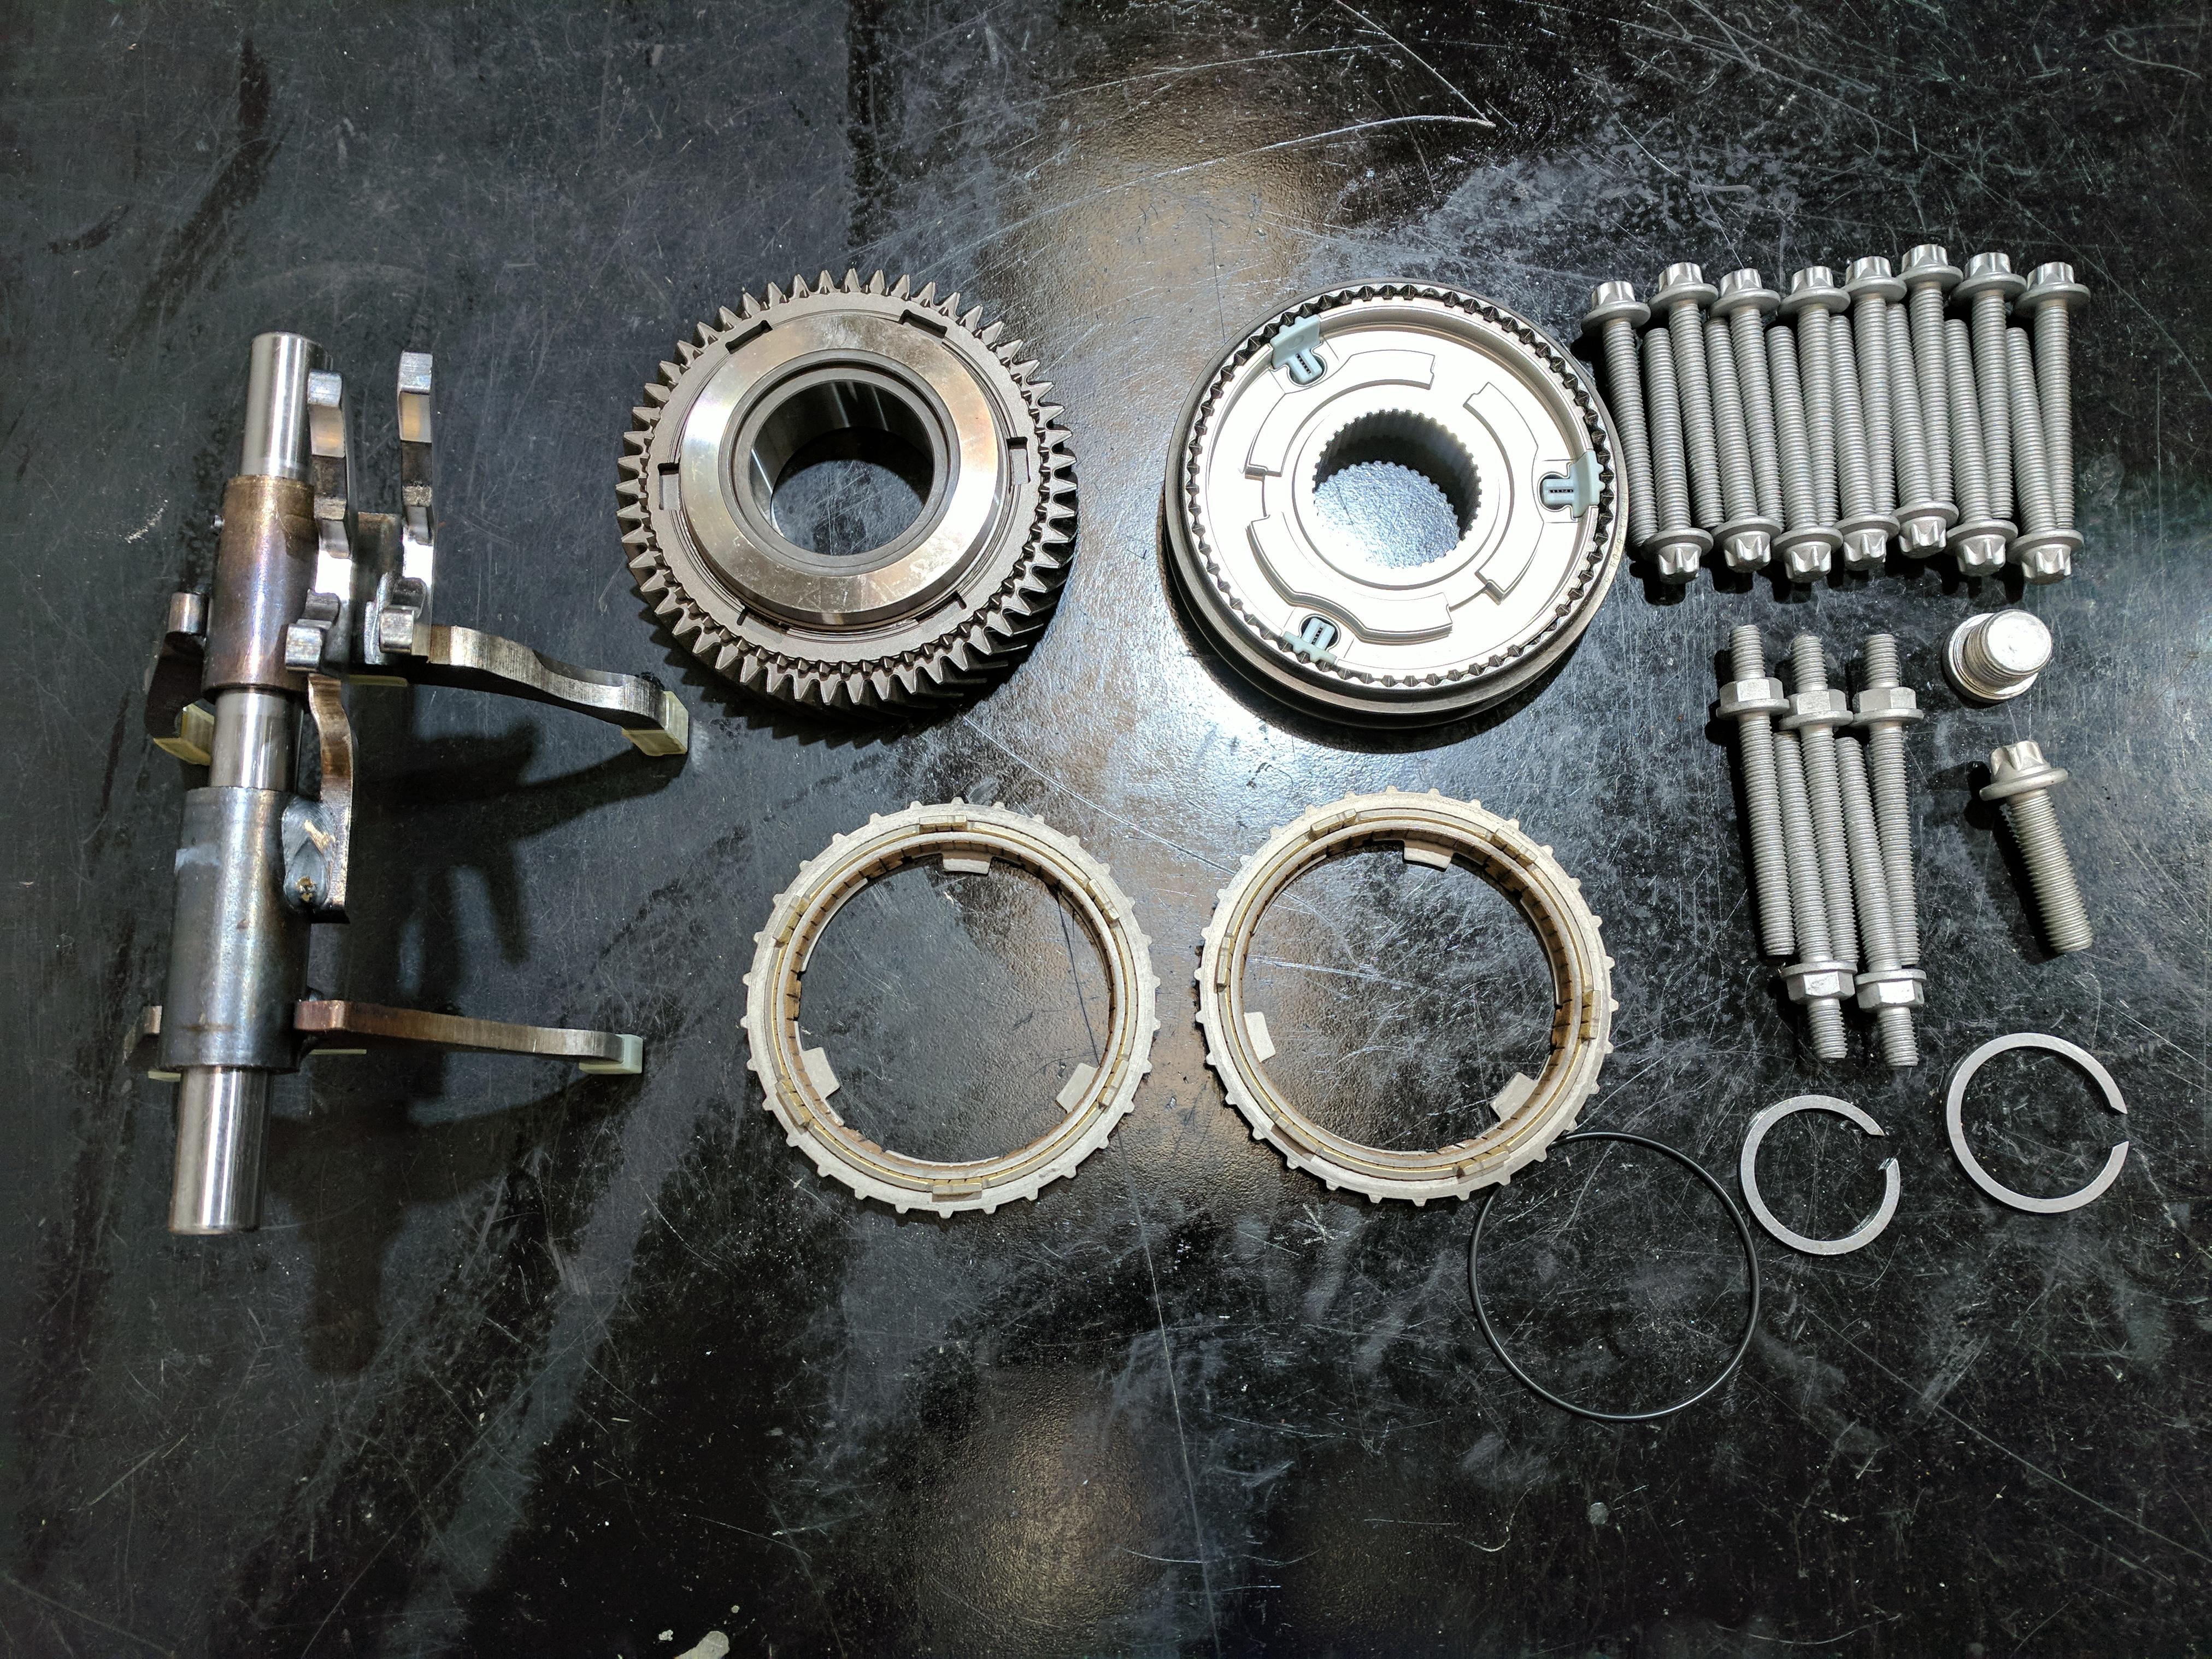 F40 Gearbox Clutch – WG Motorworks